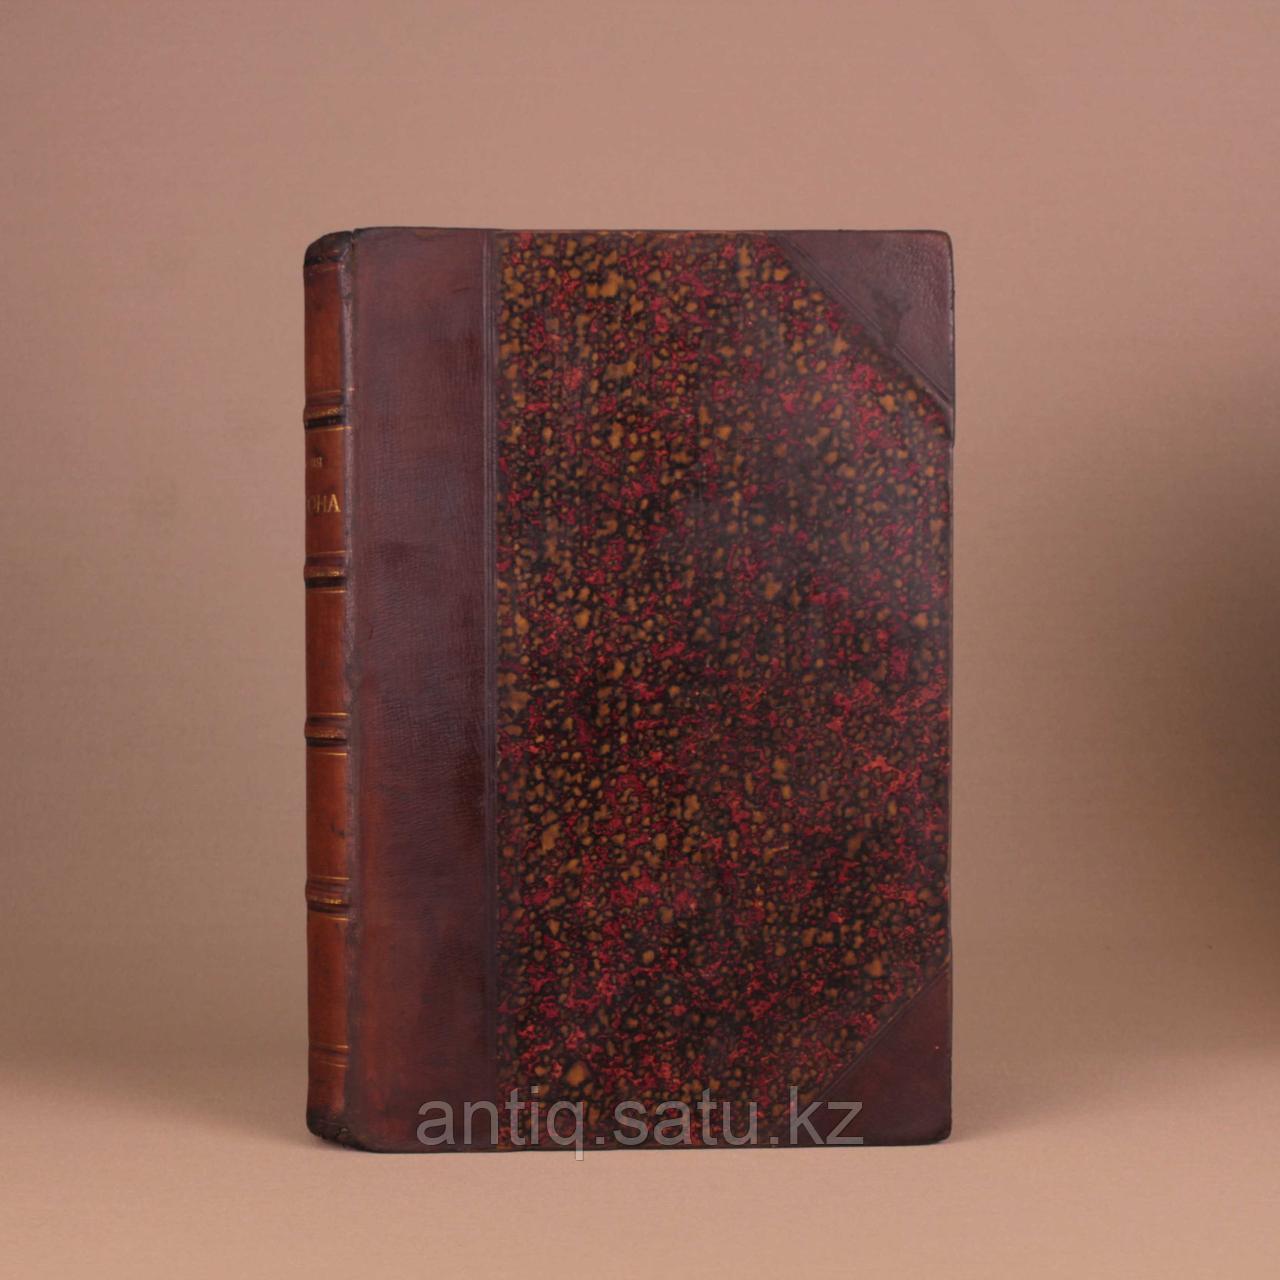 Сочинения Лорда Байрона. 4 тома. В подарочном кейсе - фото 3